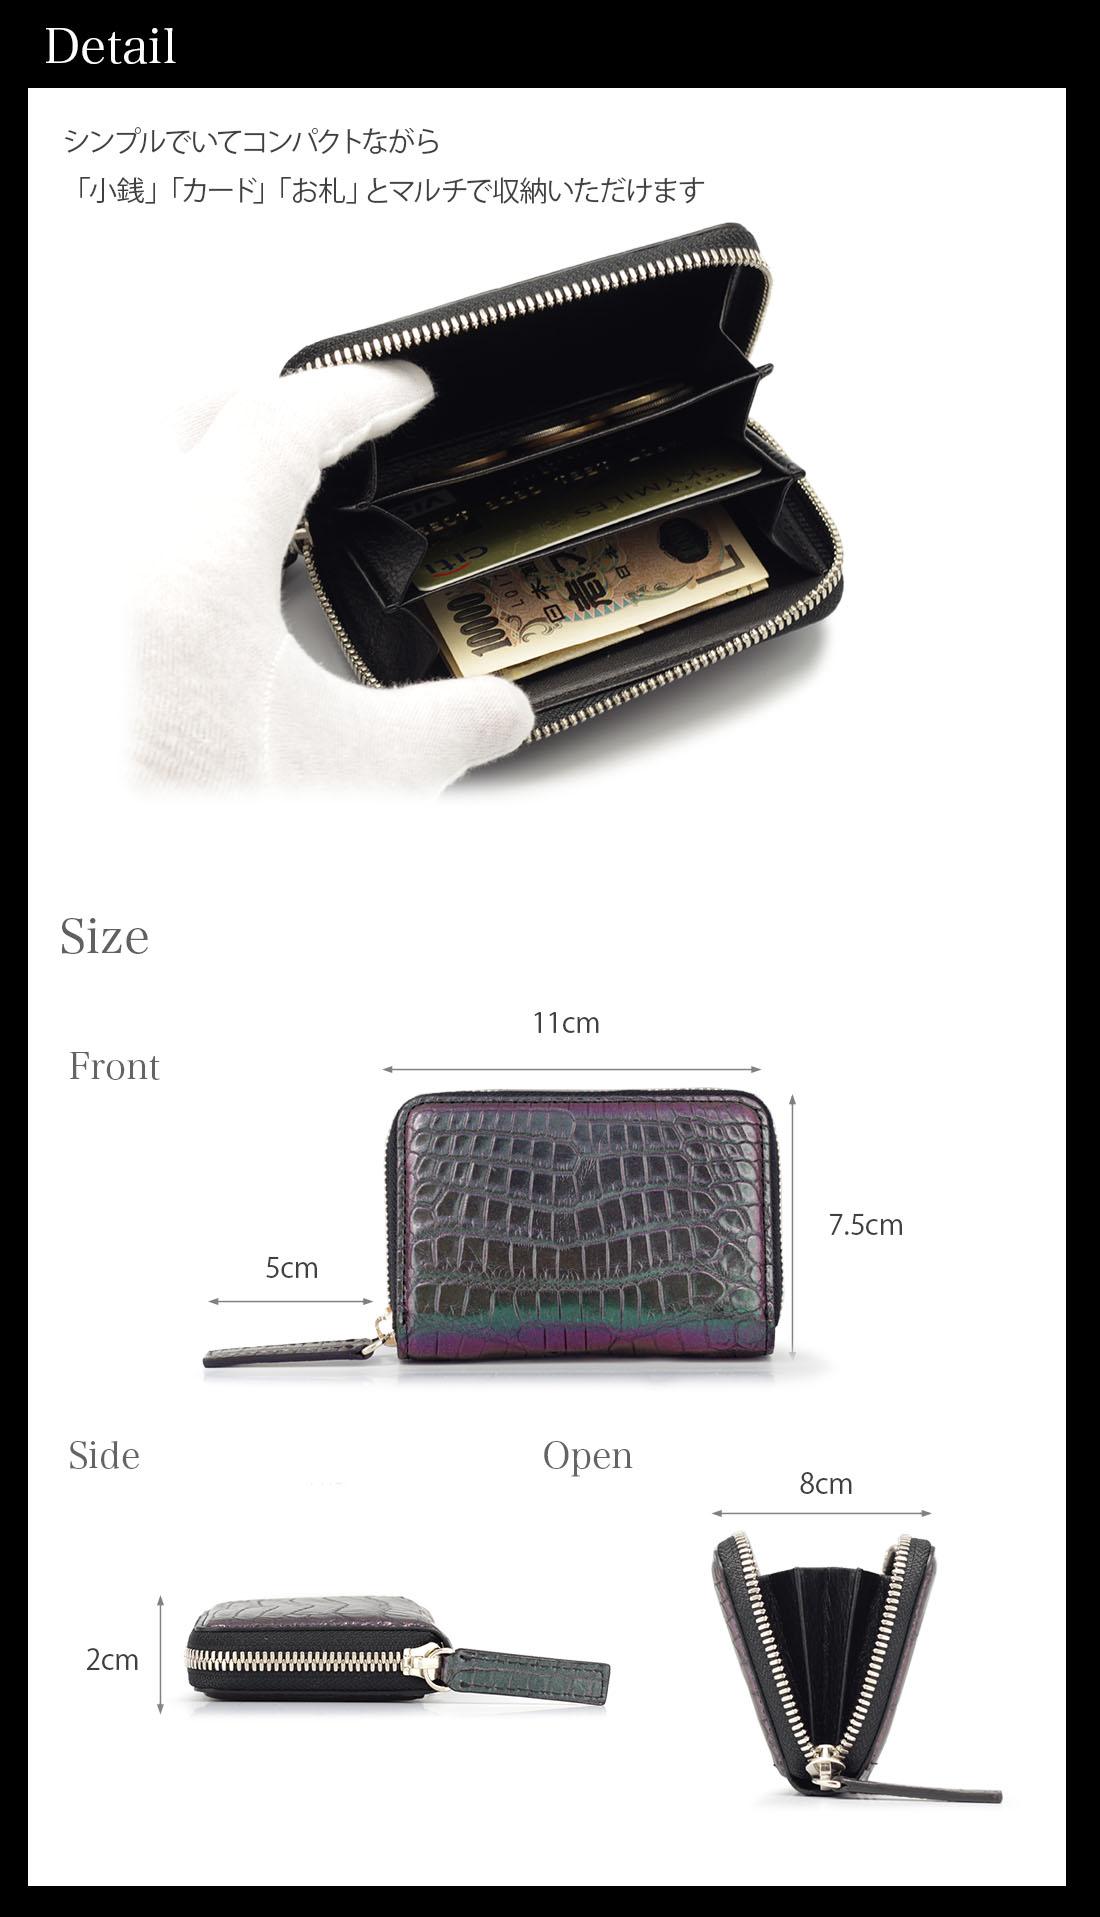 メンズ  ミニ財布 クロコダイル マジョーラ加工 激安 メンズ プレゼント 三京商会 池田工芸 ブランド プレゼントのこだわり